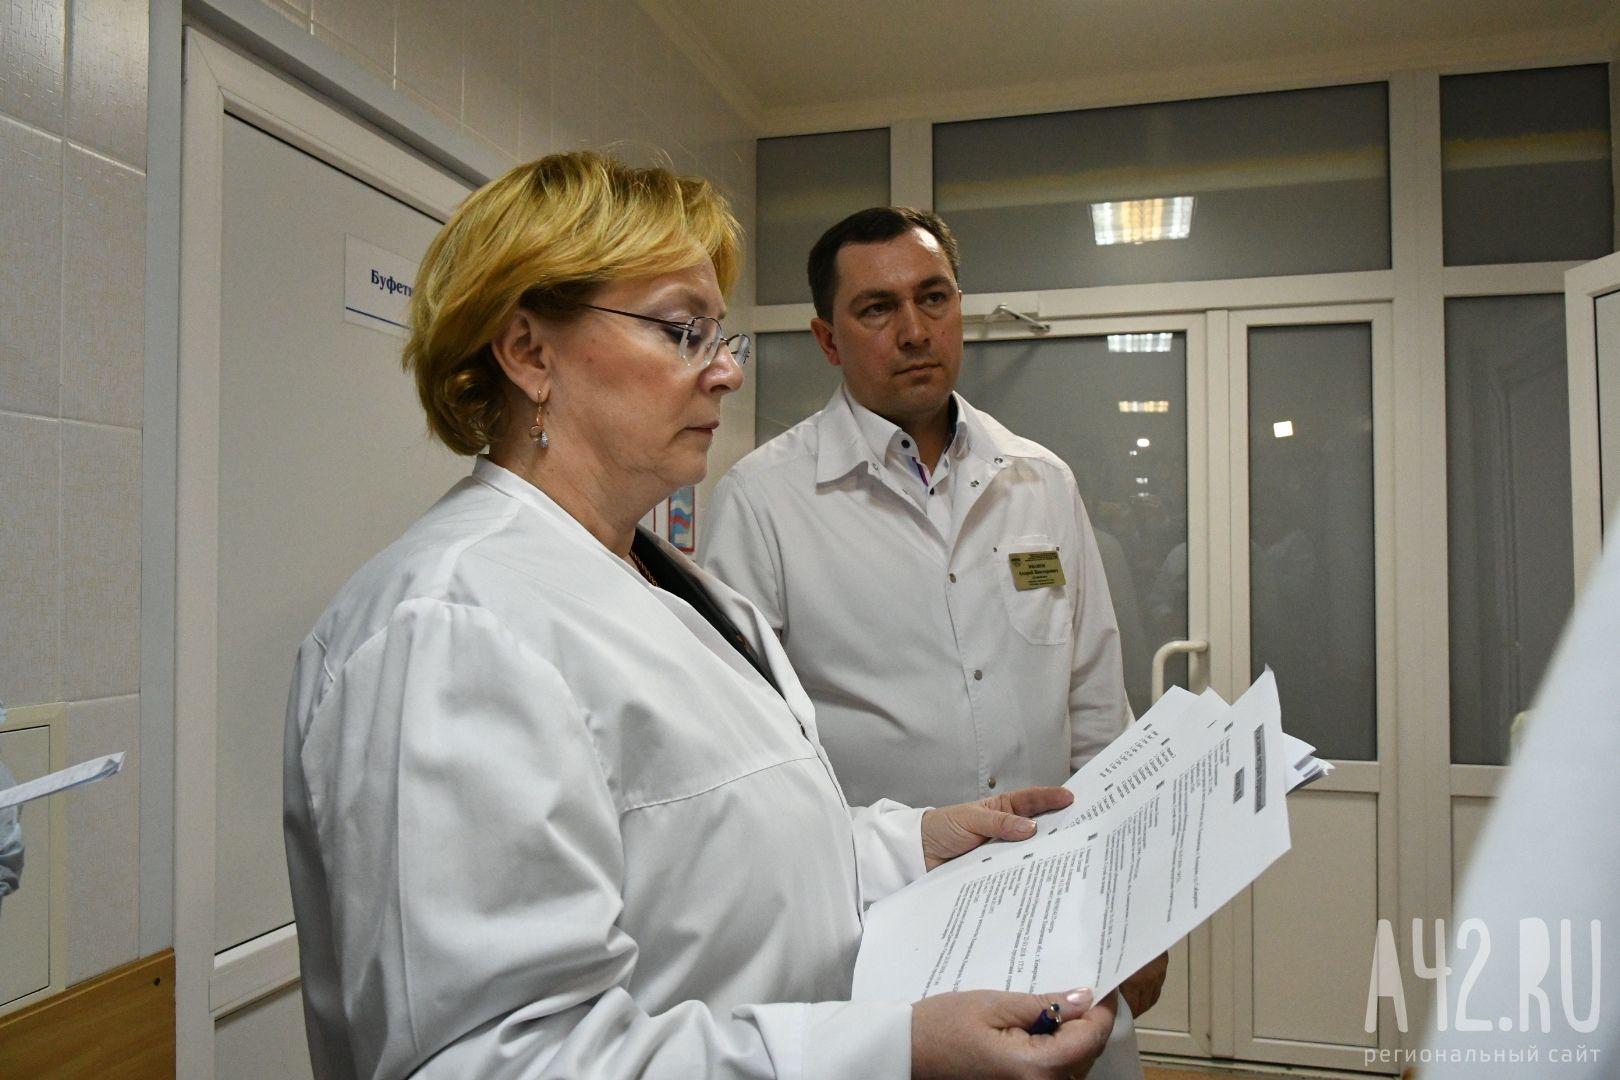 ВкемеровскомТЦ «Зимняя вишня» пожар забрал жизни 64 человек